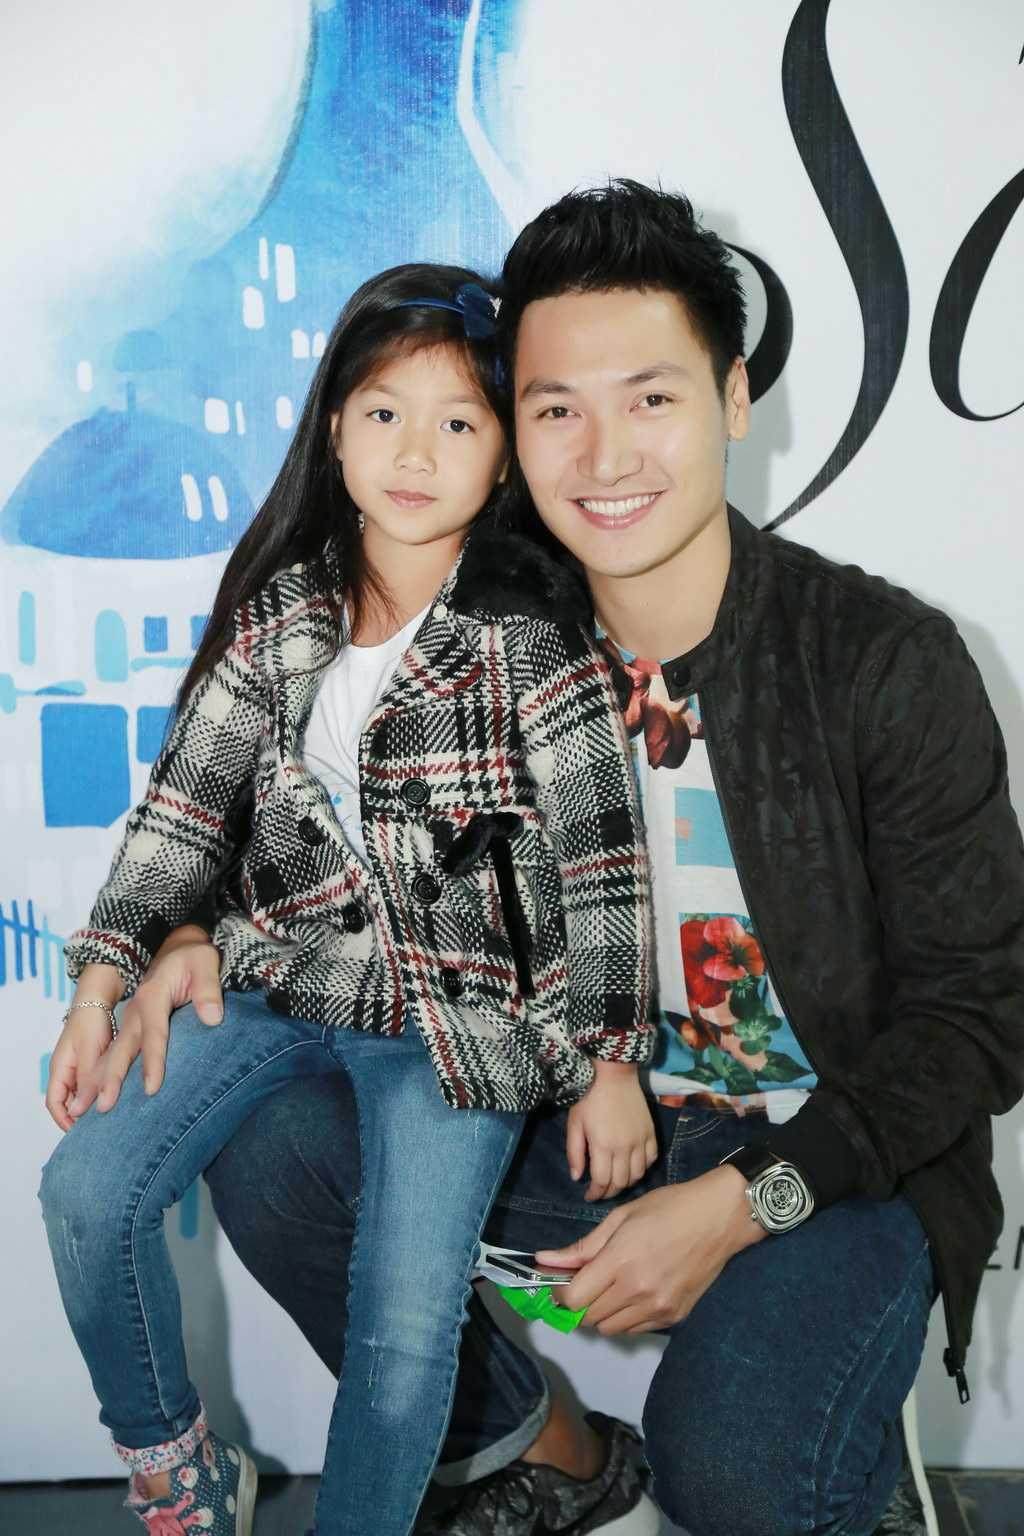 Sự kiện đặc biệt có sự xuất hiện của hai bố con diễn viên Mạnh Trường - bé Chíp.